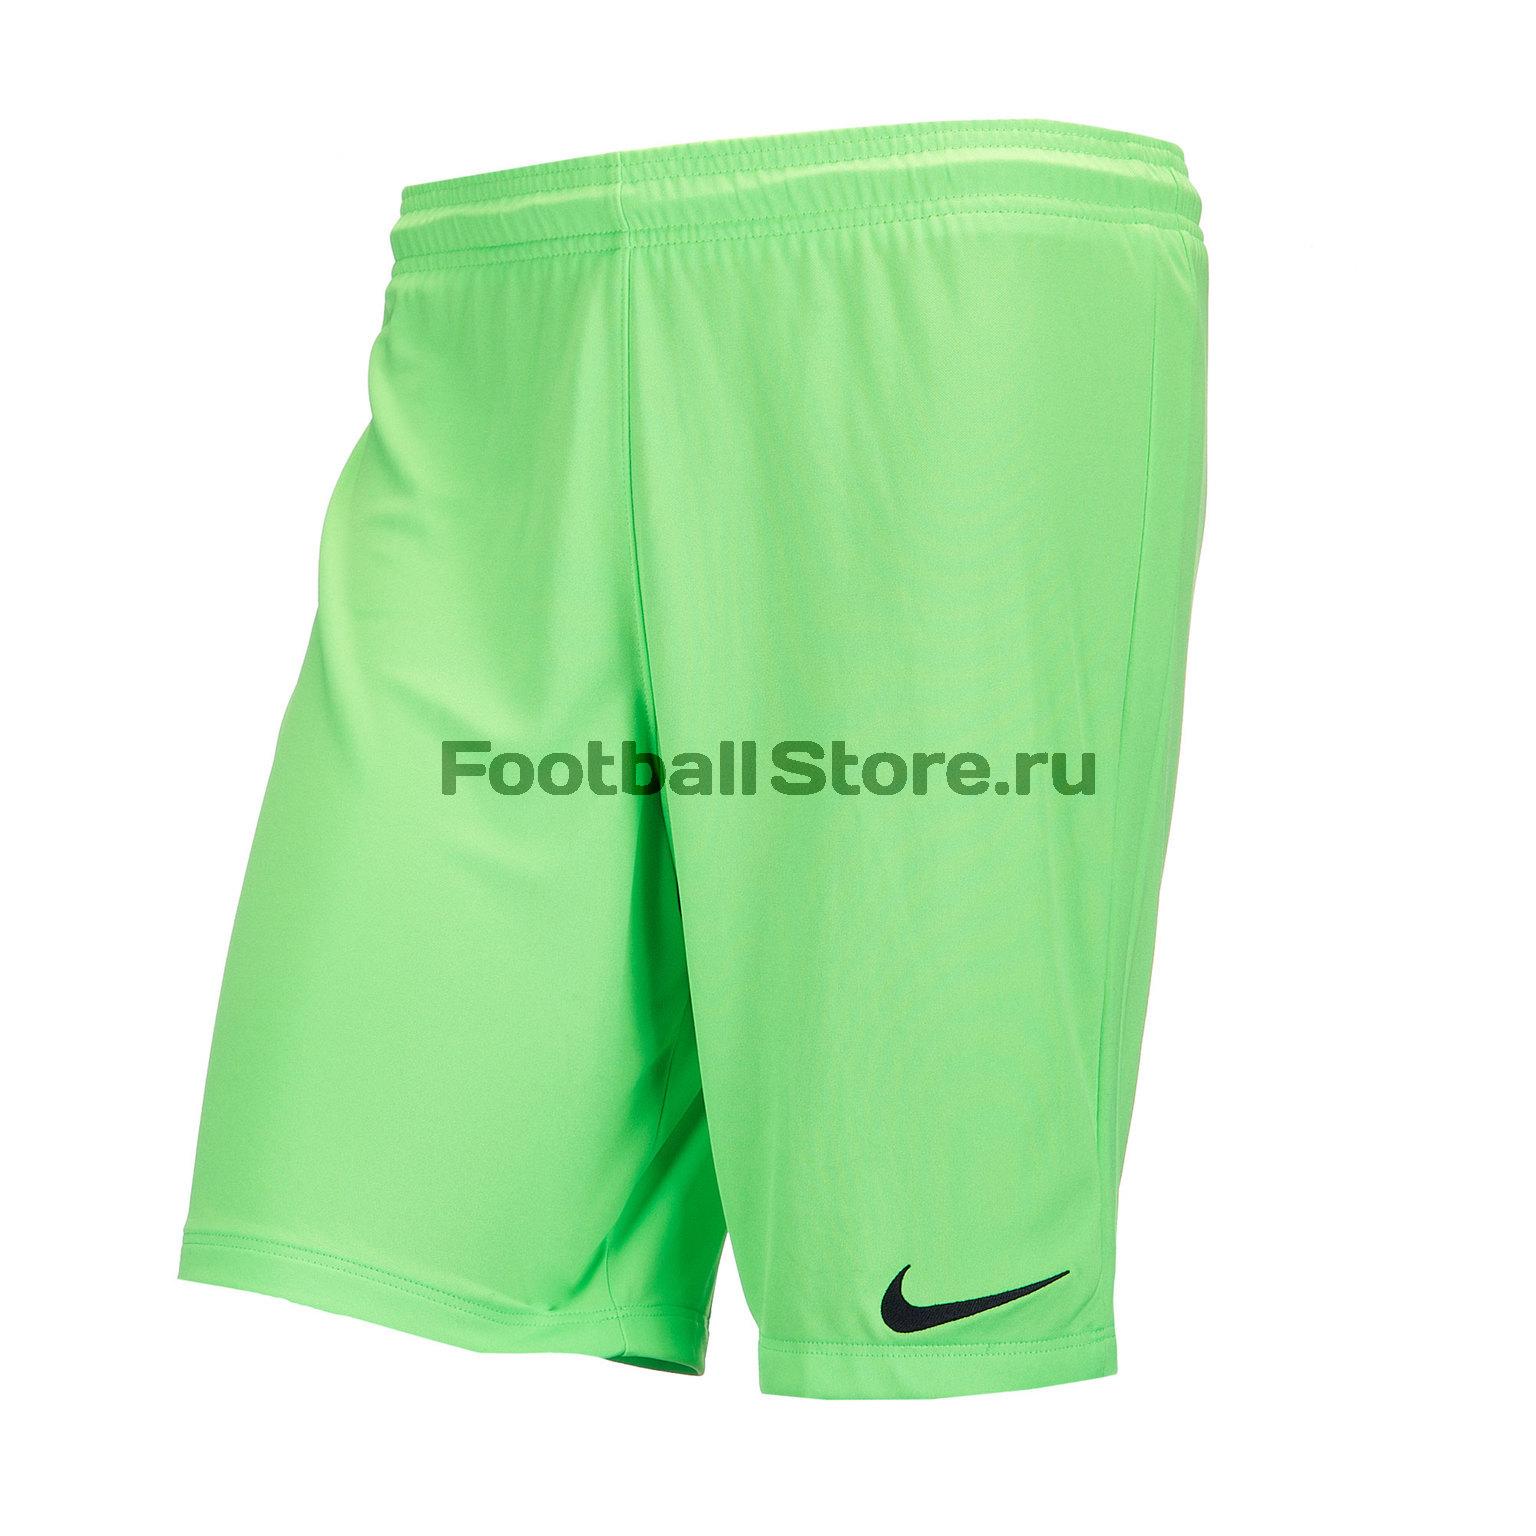 Игровые шорты Nike League Knit Short NB 725881-398